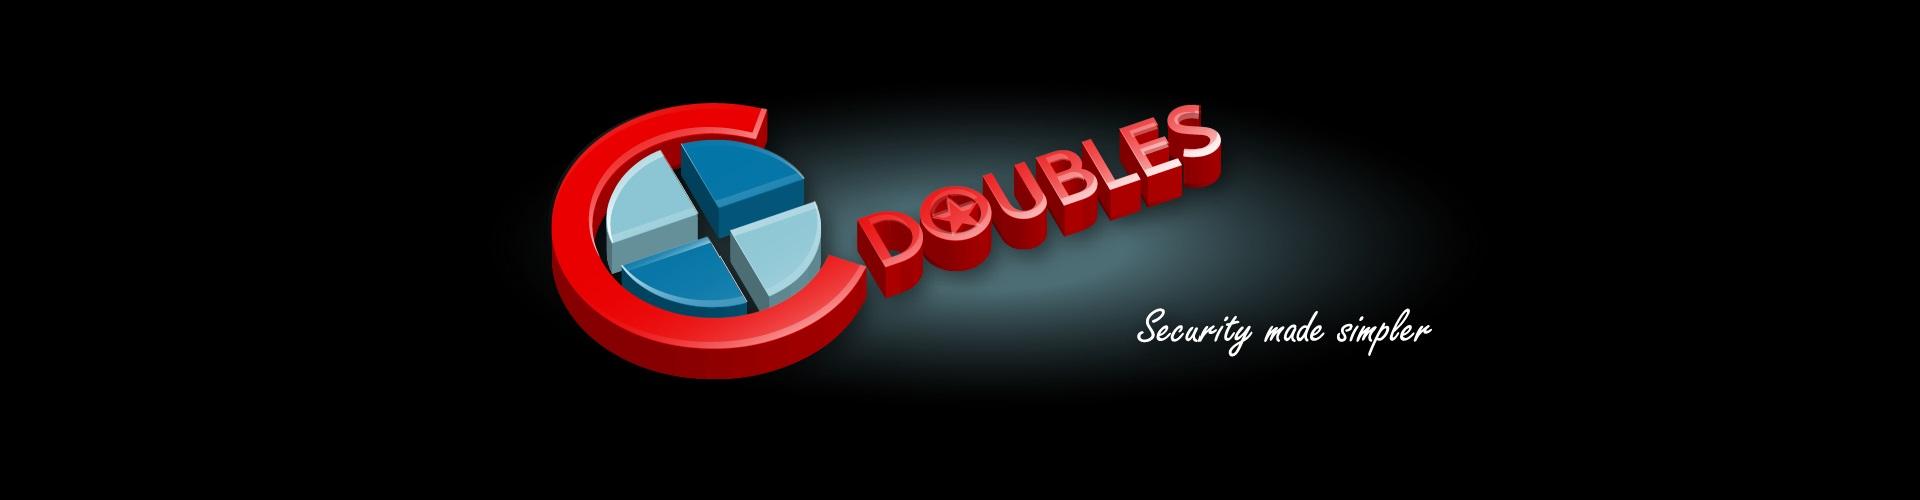 CDOUBLES_3DLOGO-1920x500